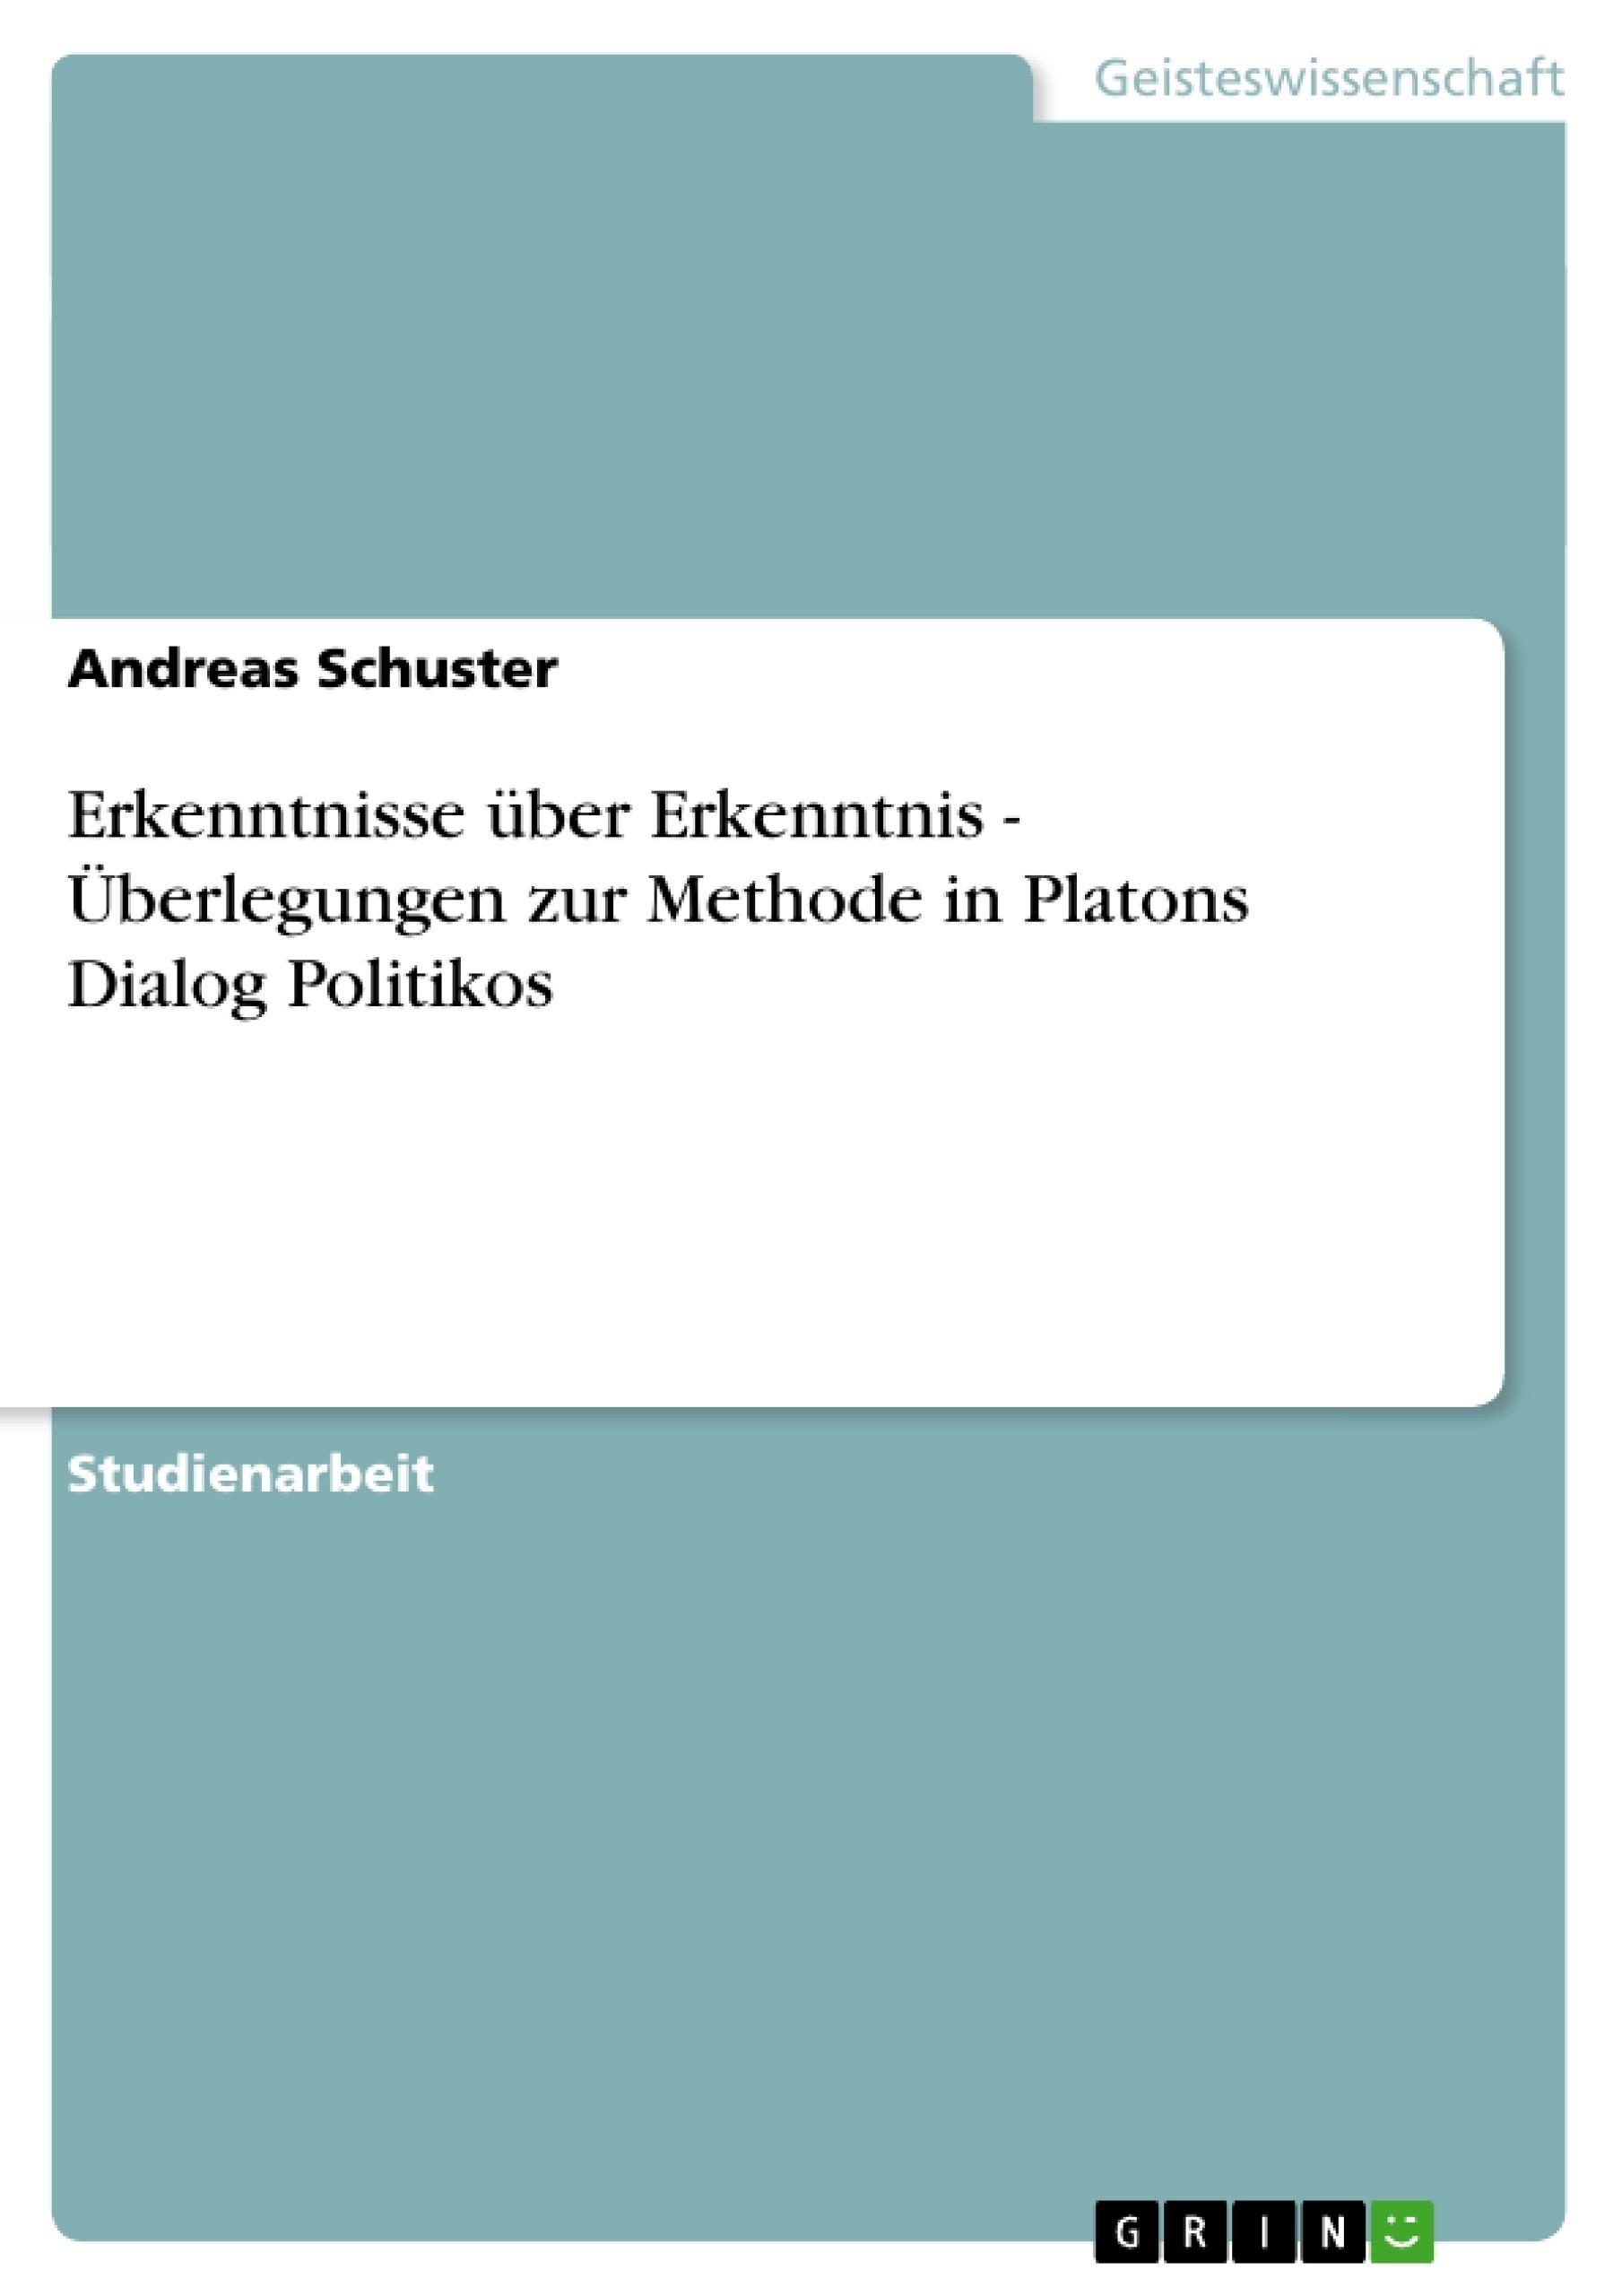 Titel: Erkenntnisse über Erkenntnis - Überlegungen zur Methode in Platons Dialog Politikos